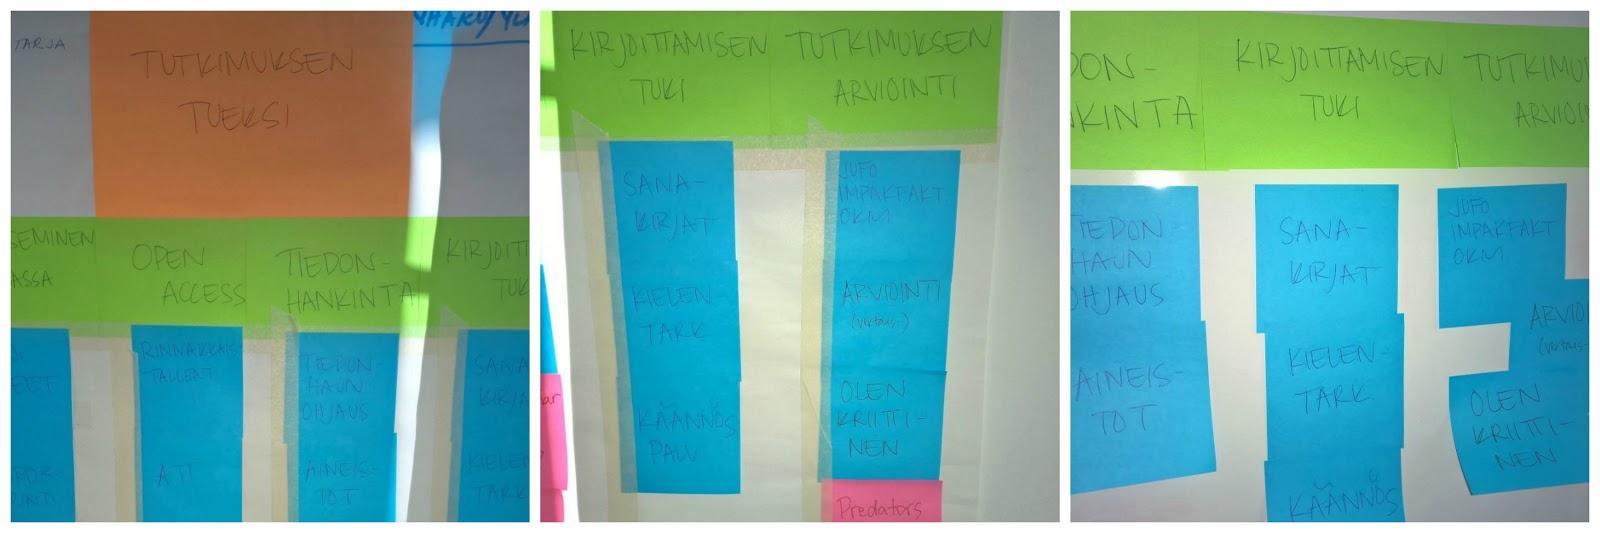 Kuva 1: Tutkijan tueksi LibGuidesin ideointiprosessista.